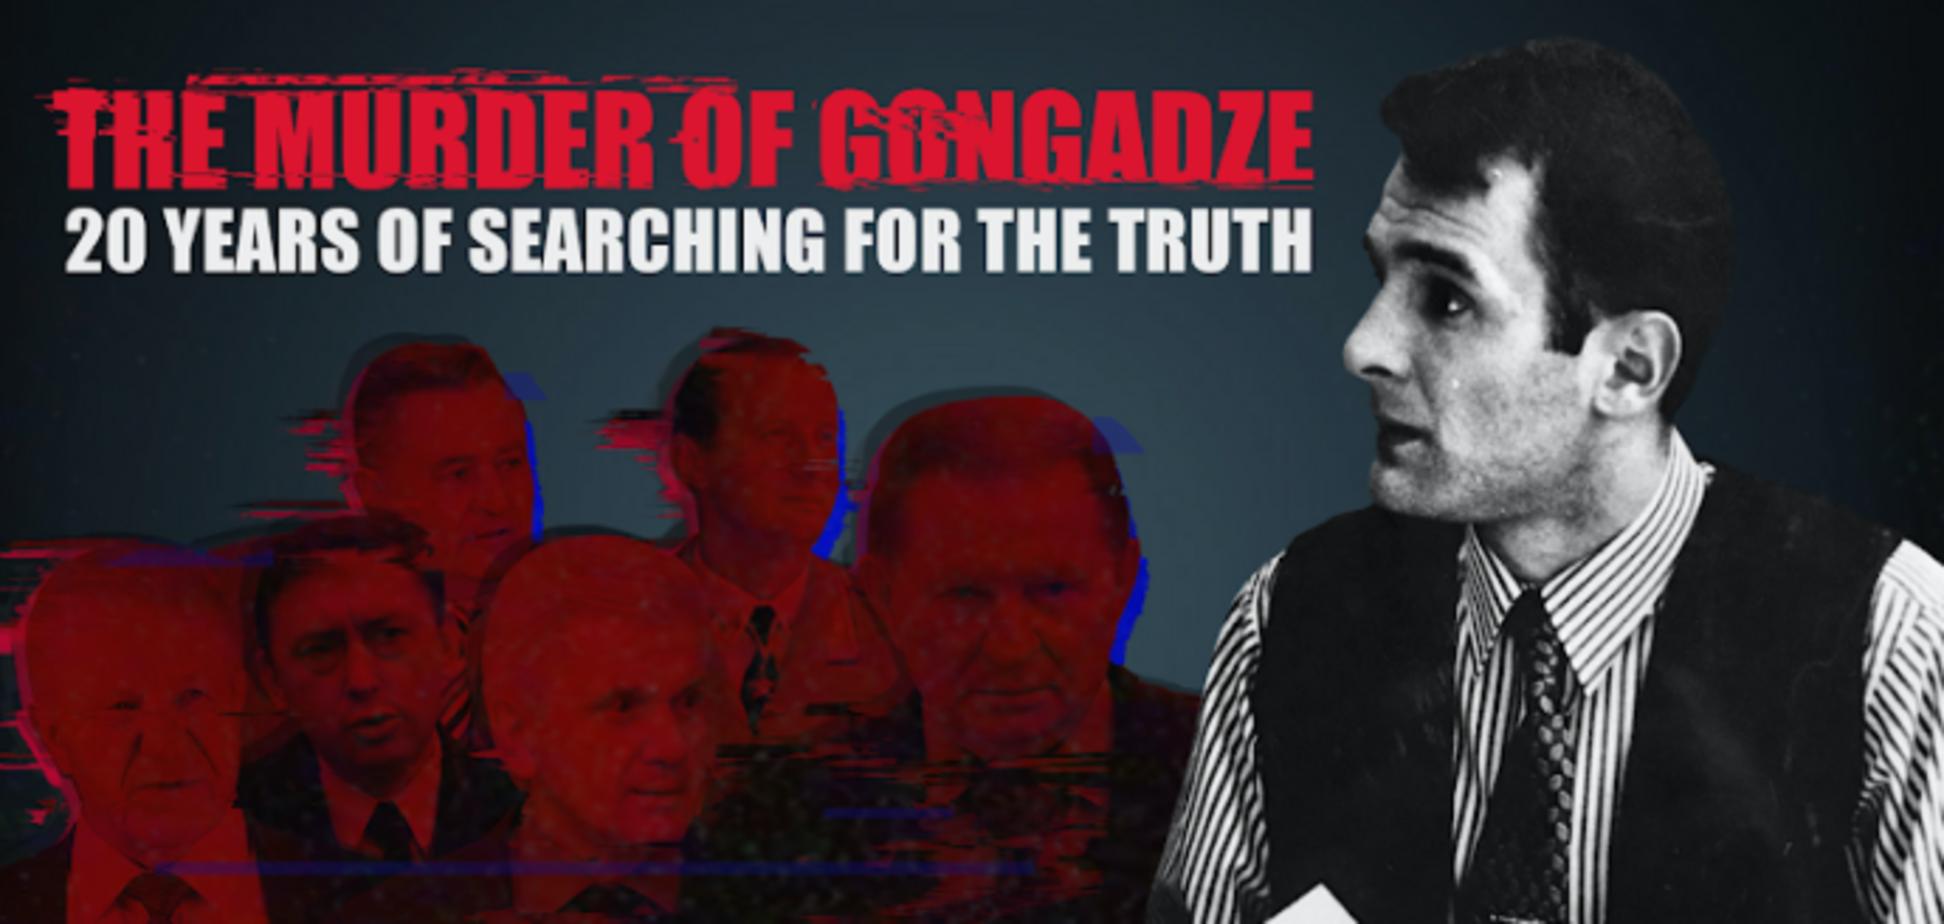 Вышла англоязычная версия документального фильма об убийстве Гонгадзе